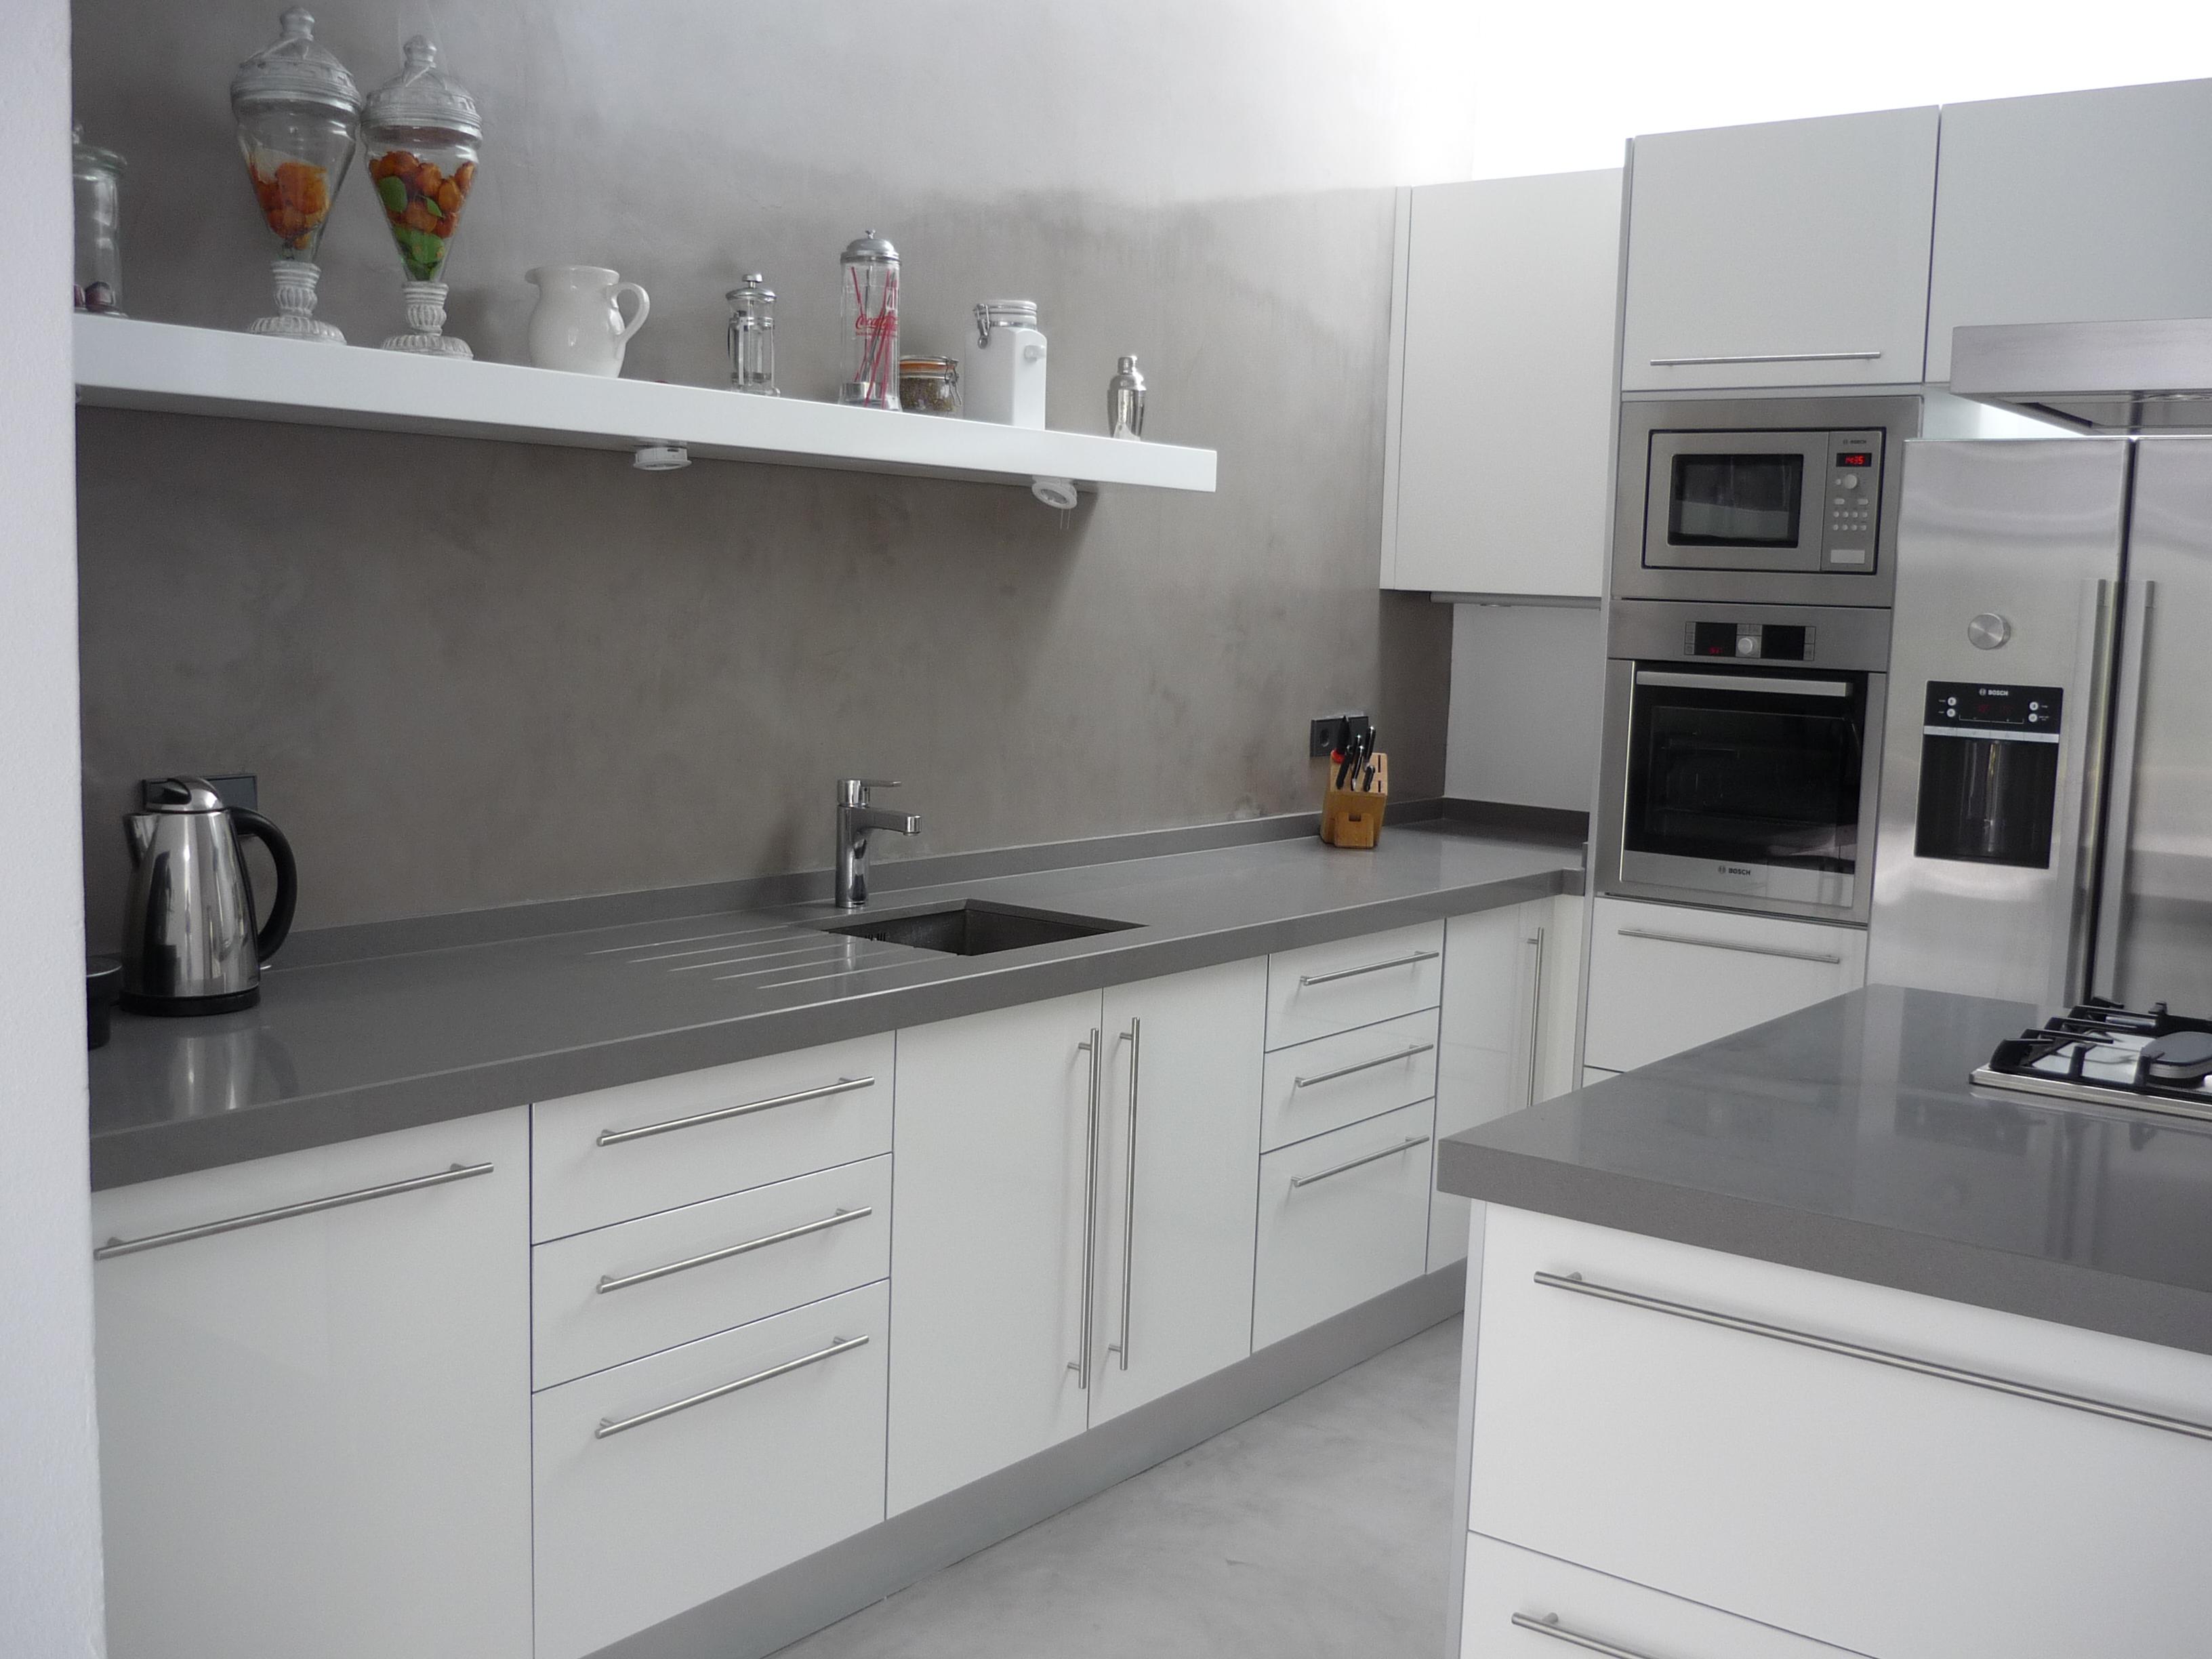 Muebles de cocina blanca encimera gris for Muebles para encimeras